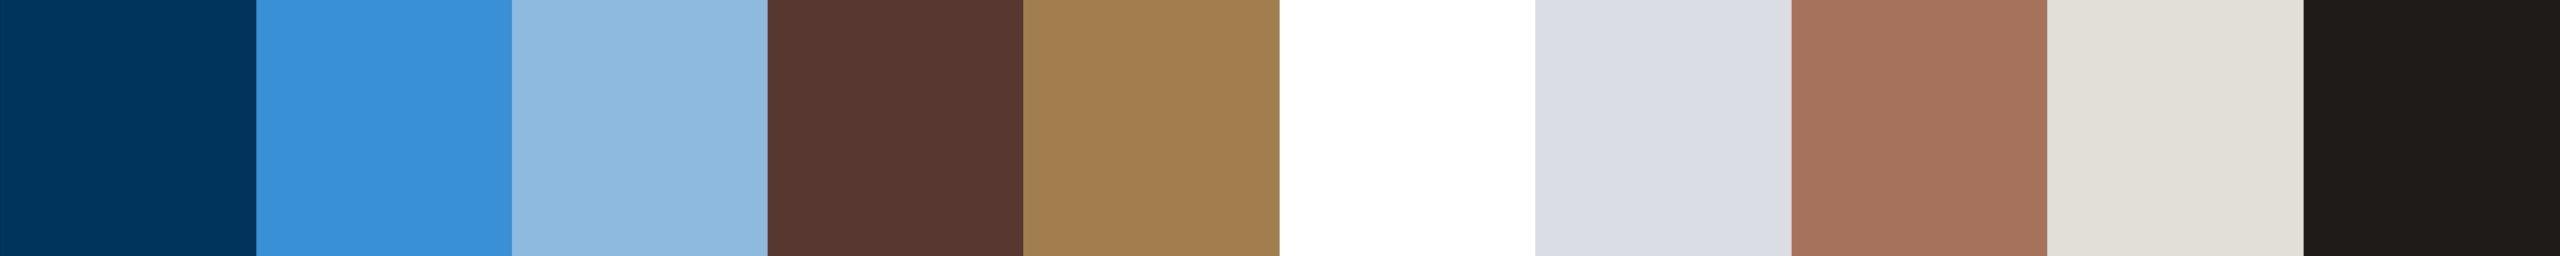 120 Pelagia Color Palette